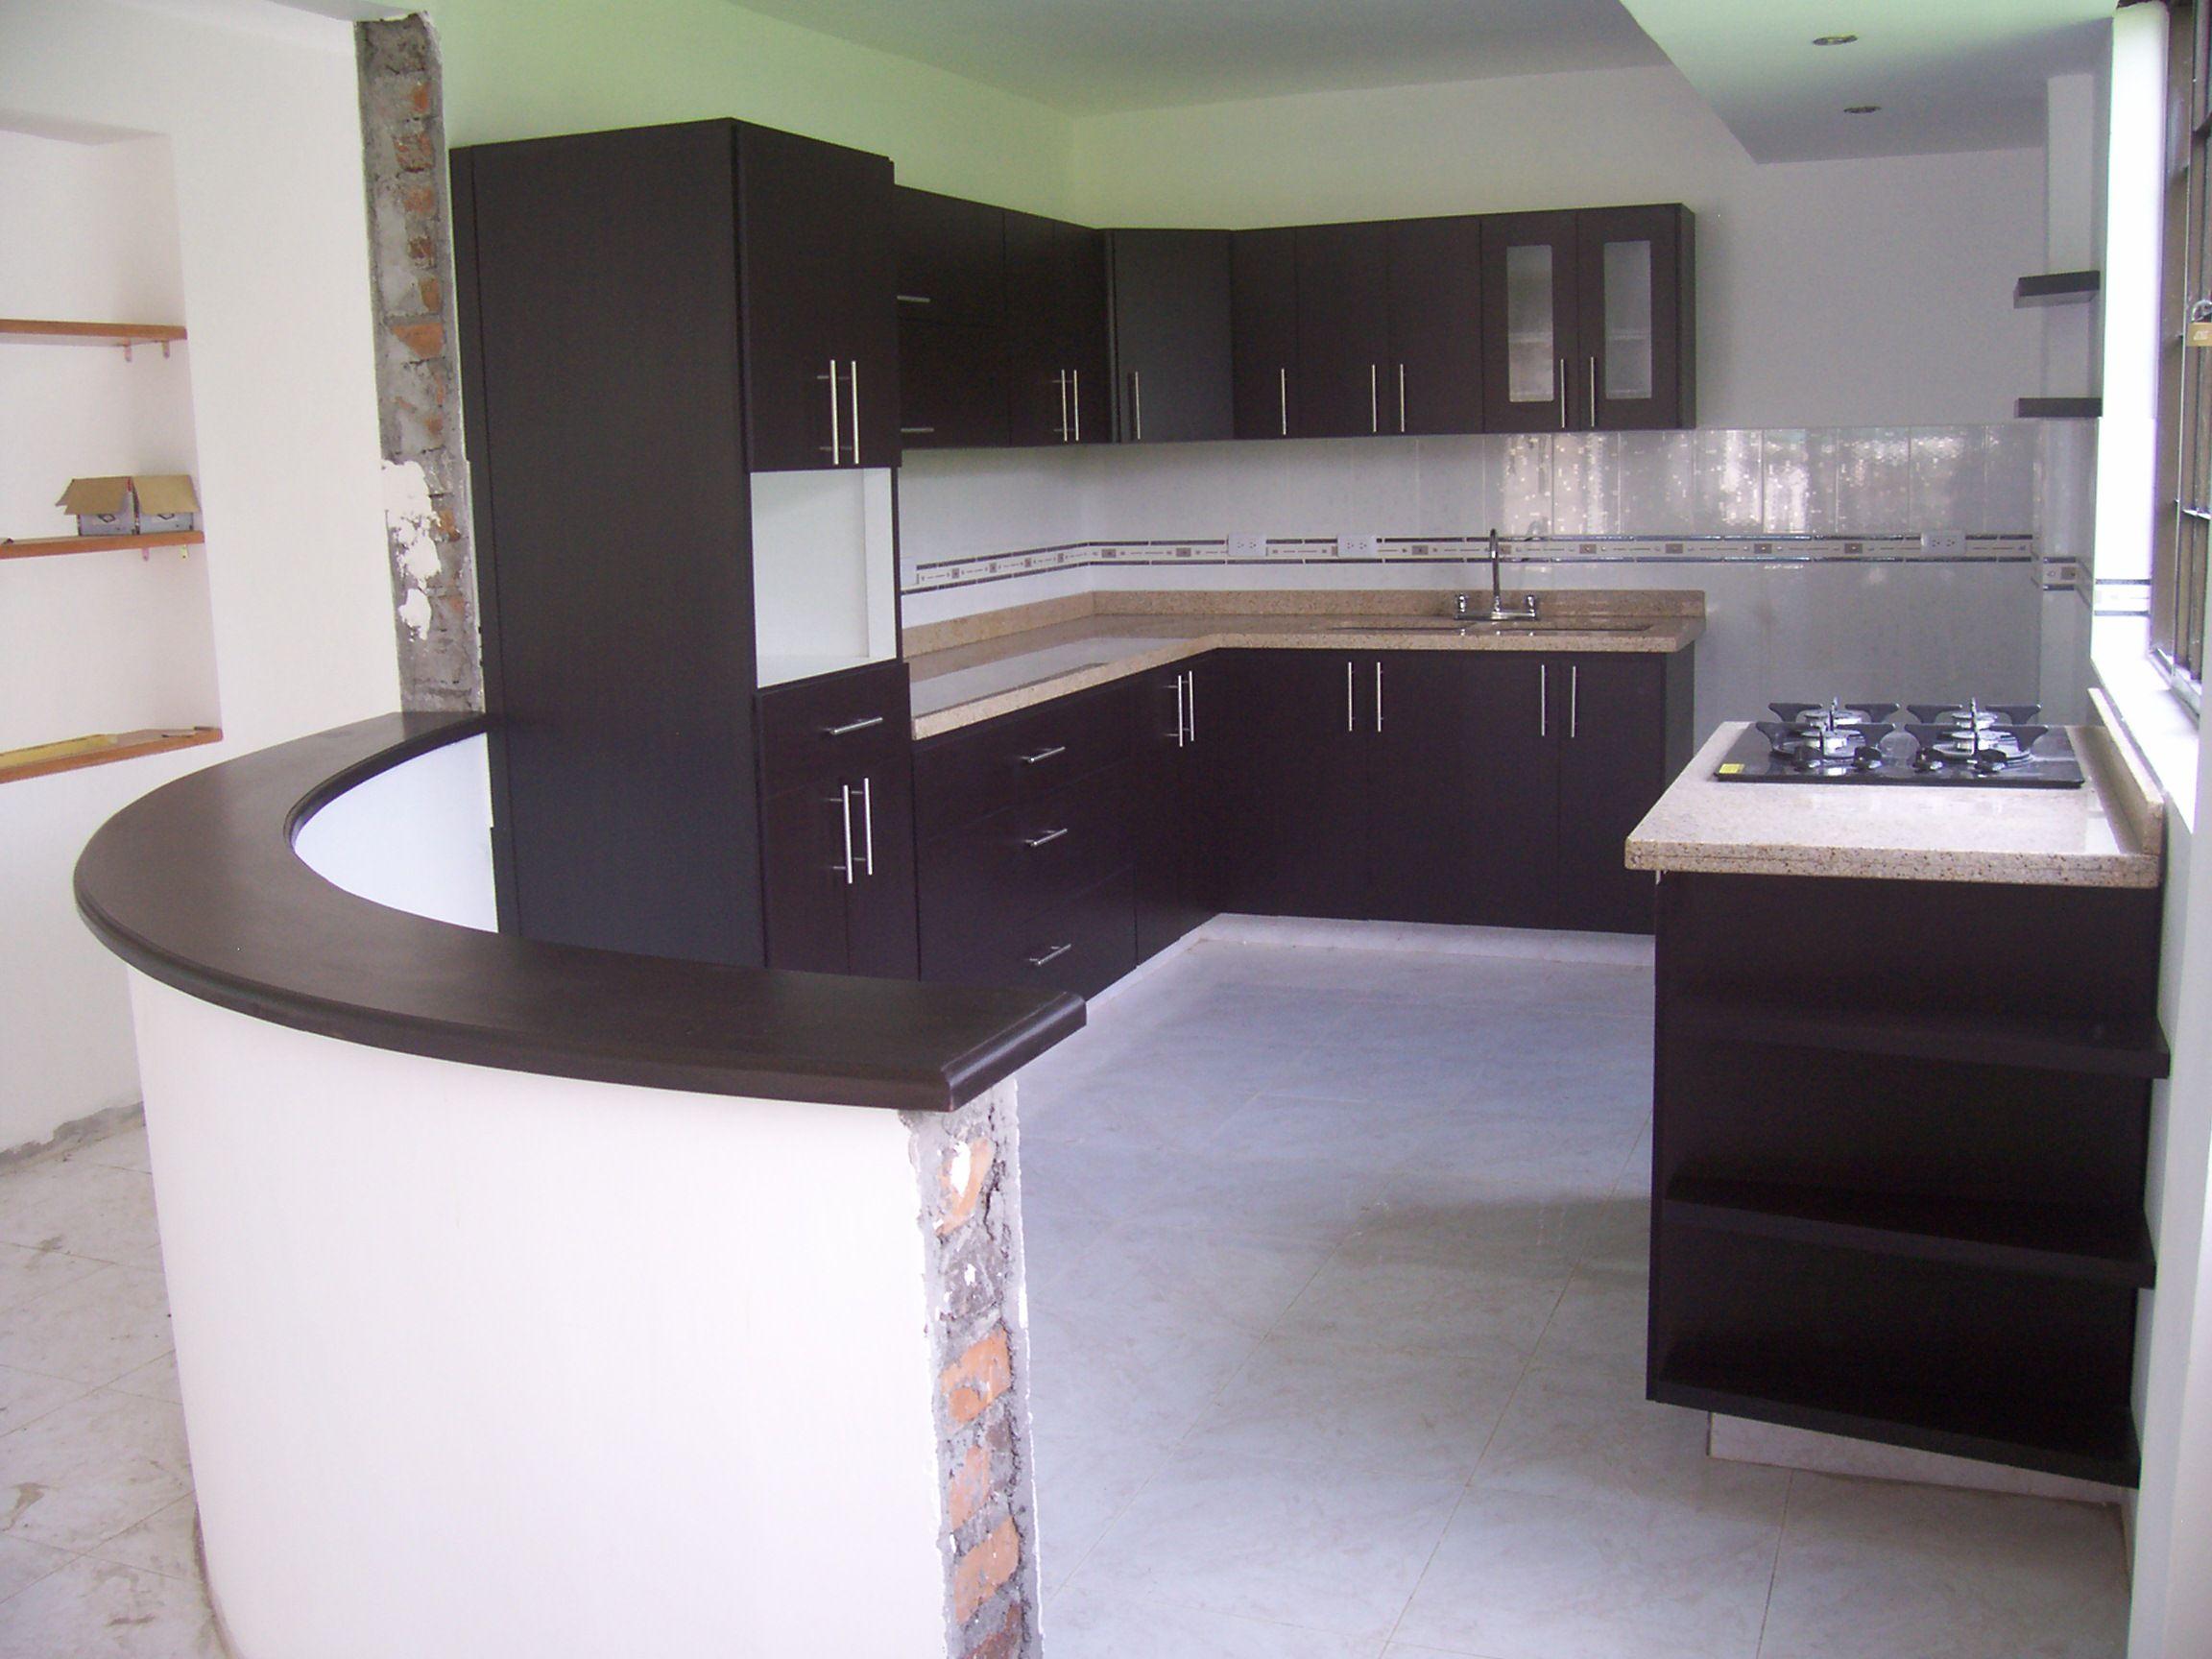 Pereira fabricada por c g arte y decoraci n cocina con for Alacenas para cocina